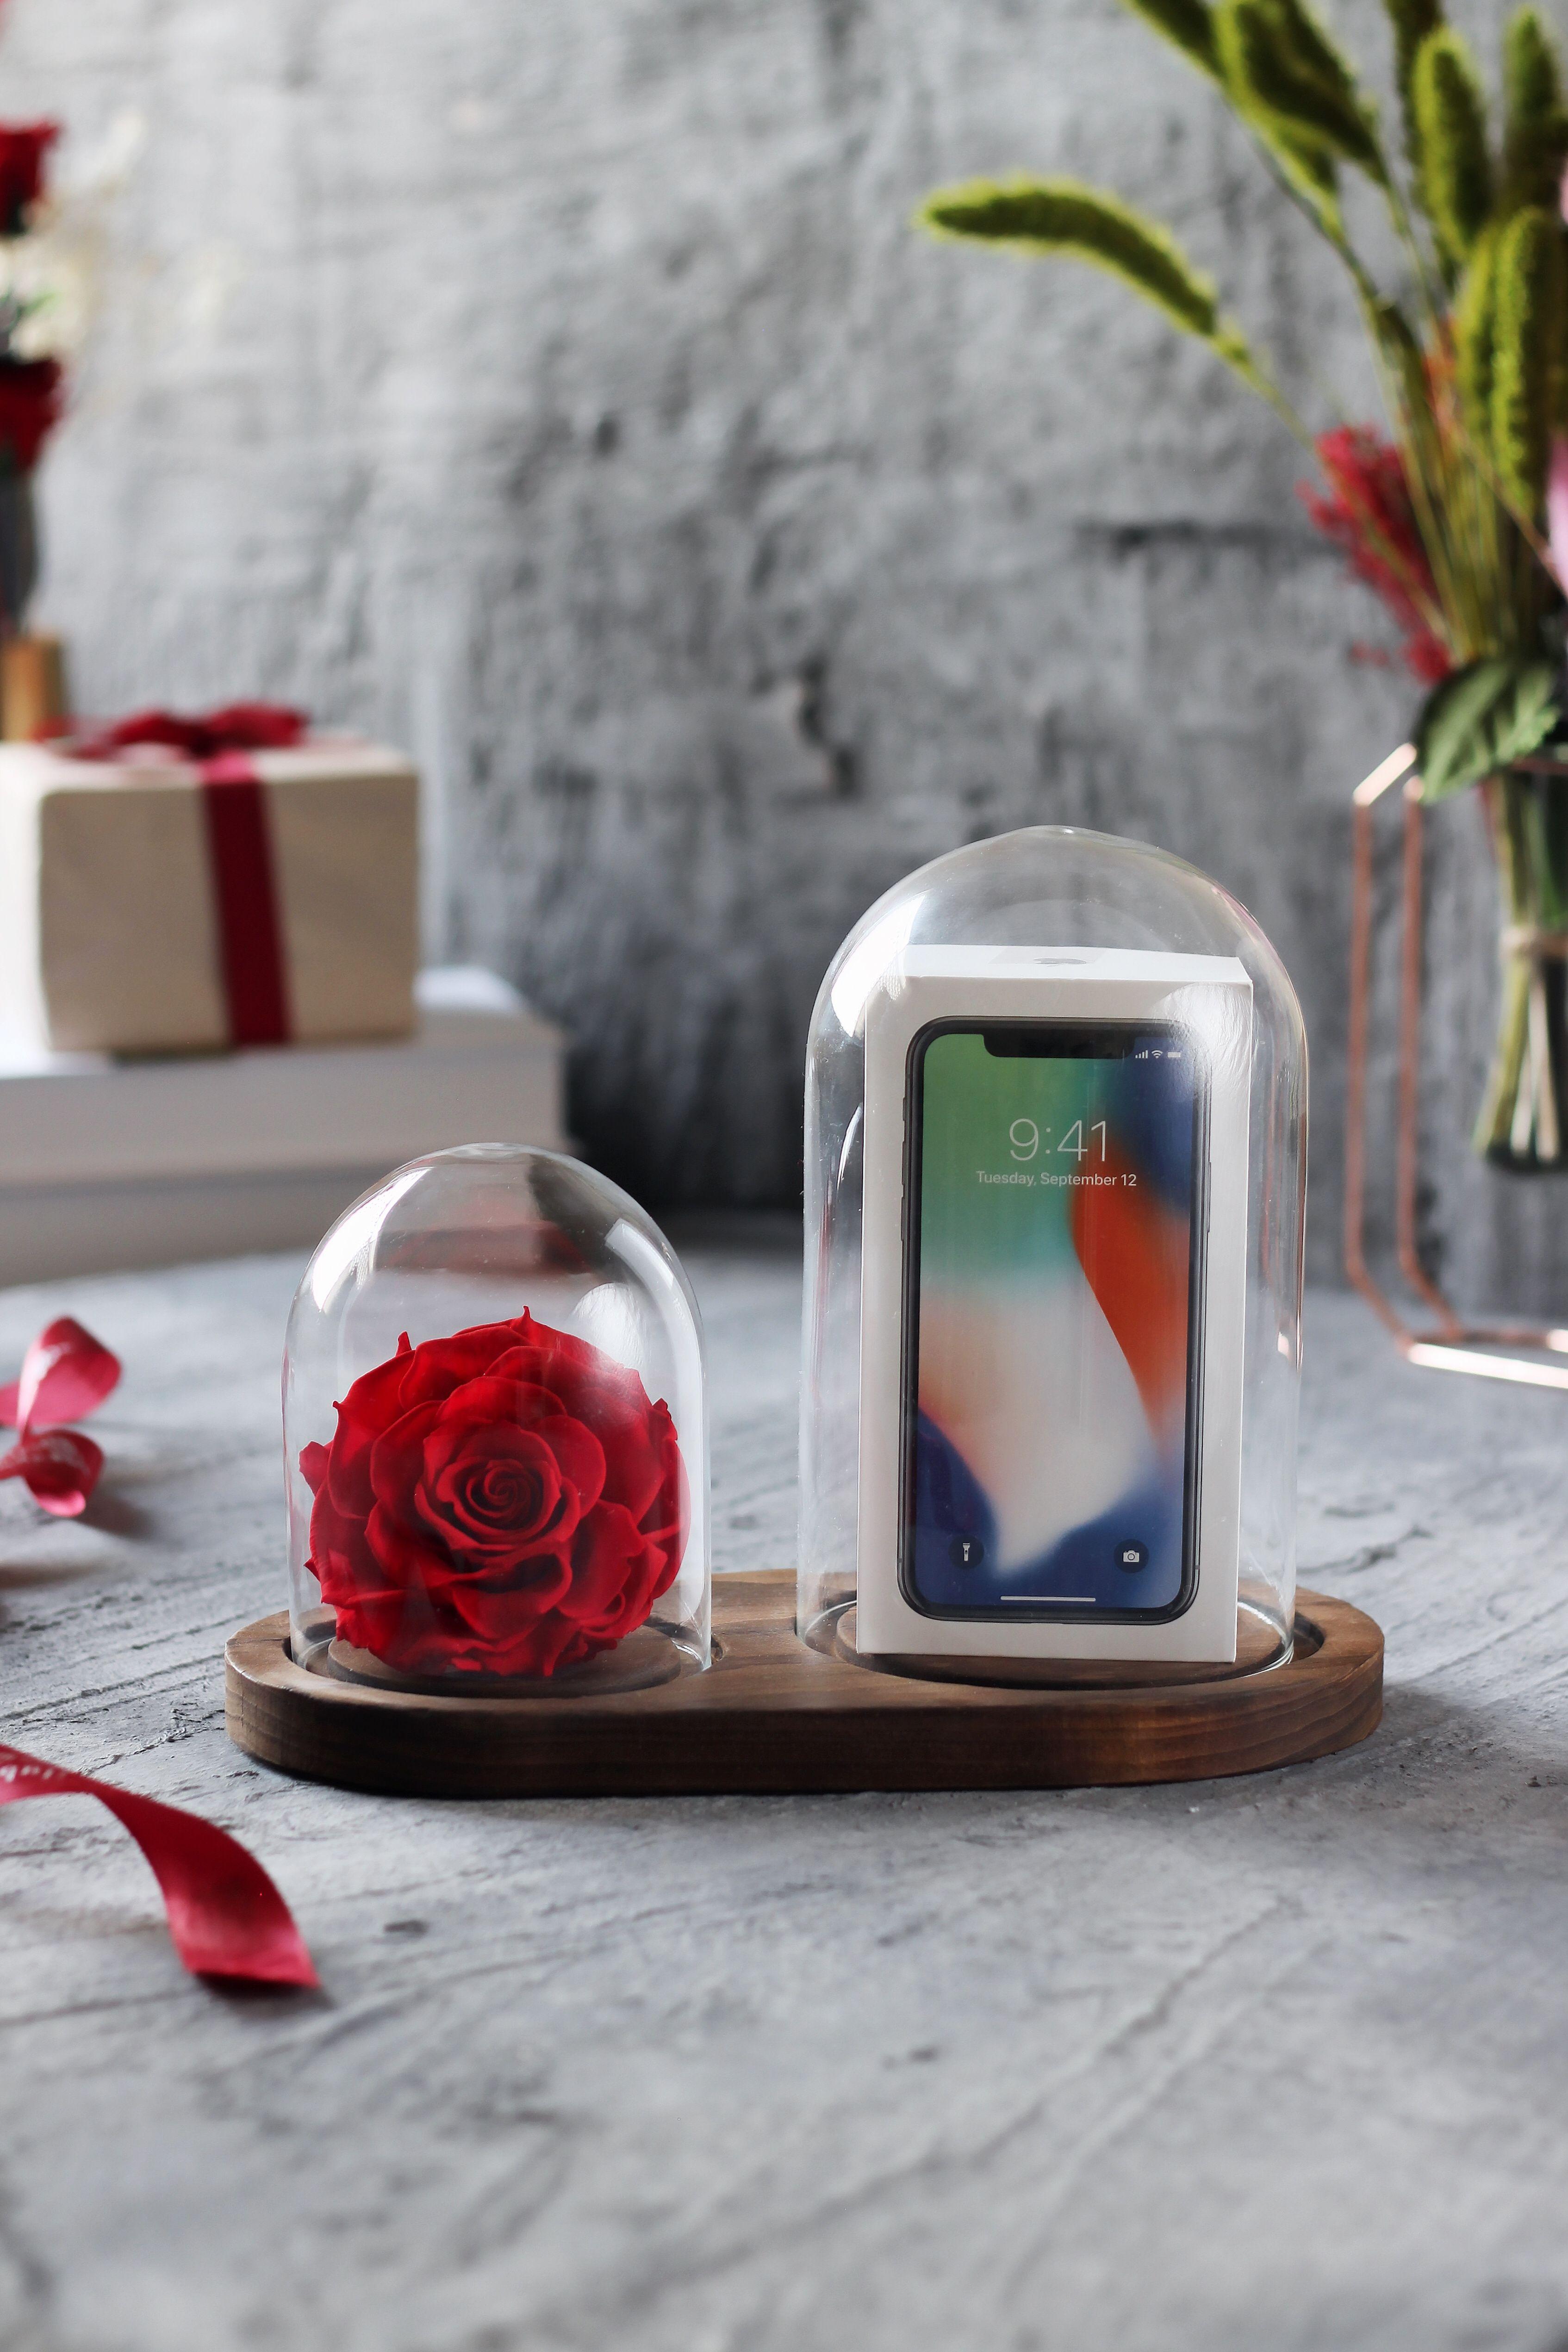 وردة ايلوبا روز احمر داخل فازة زجاجية Online Gift Store Gift Store Gifts